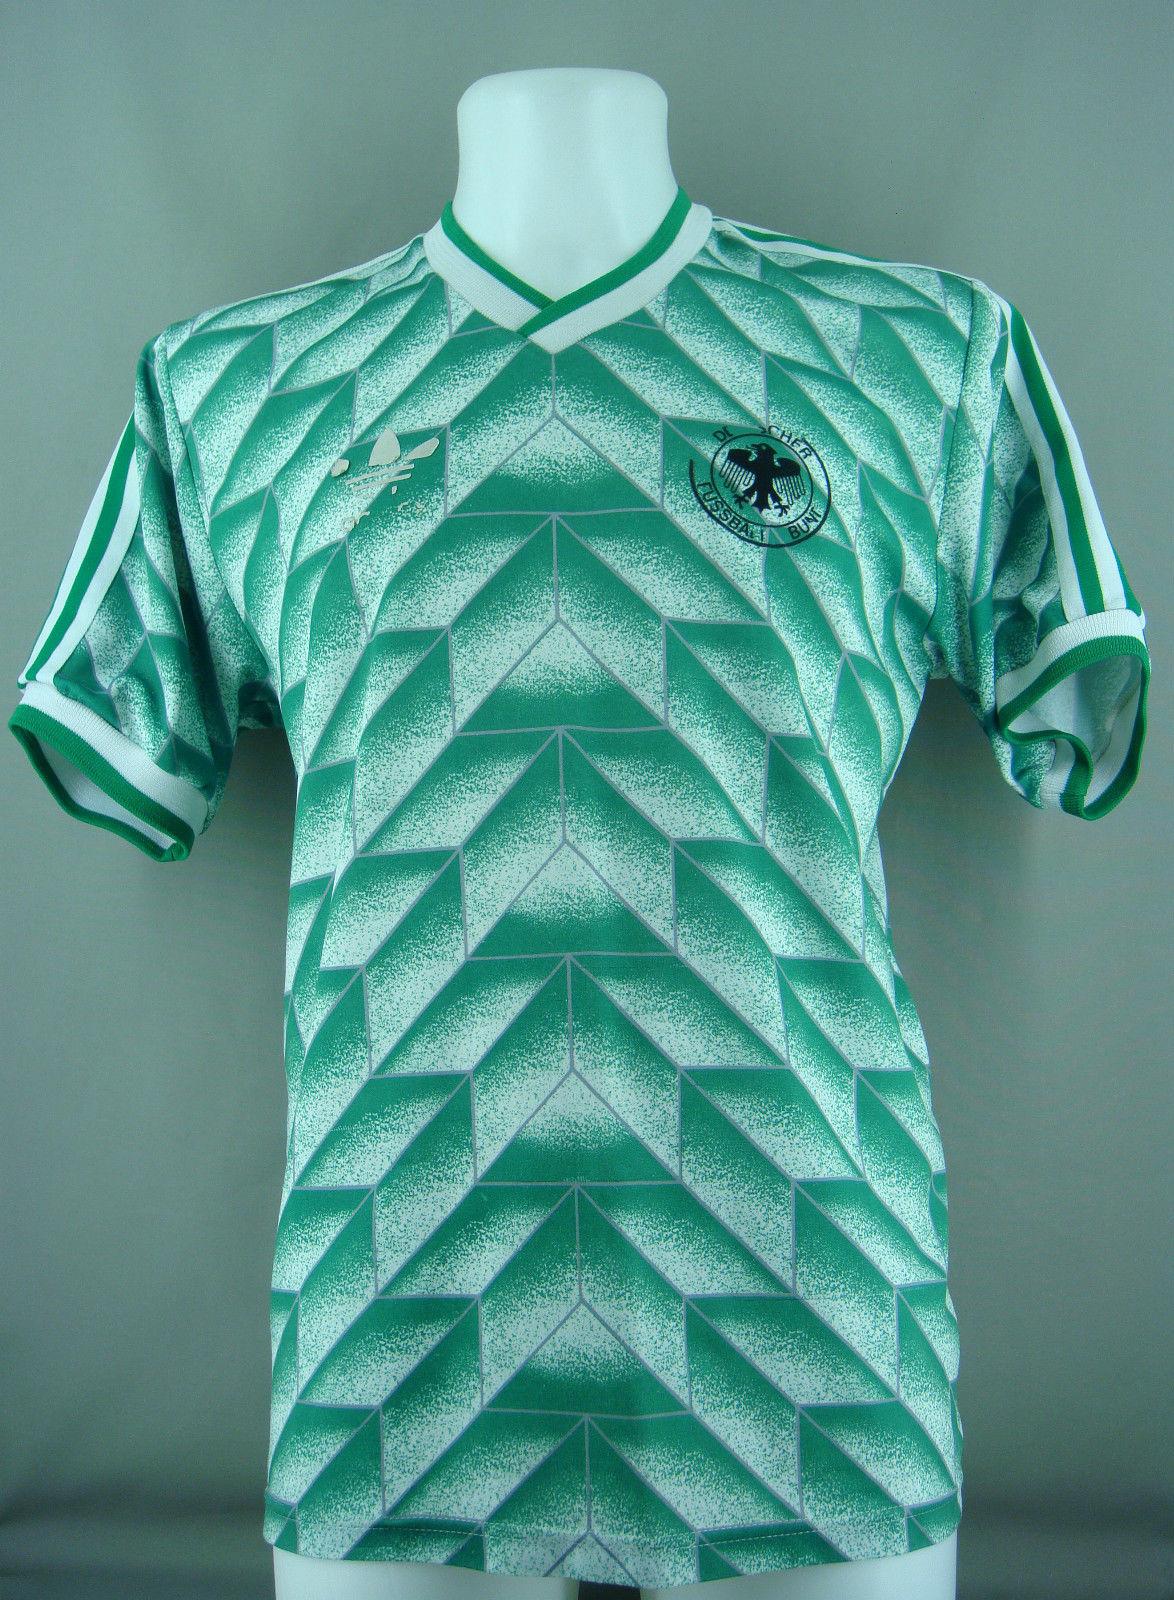 dfb-away-kit-1990